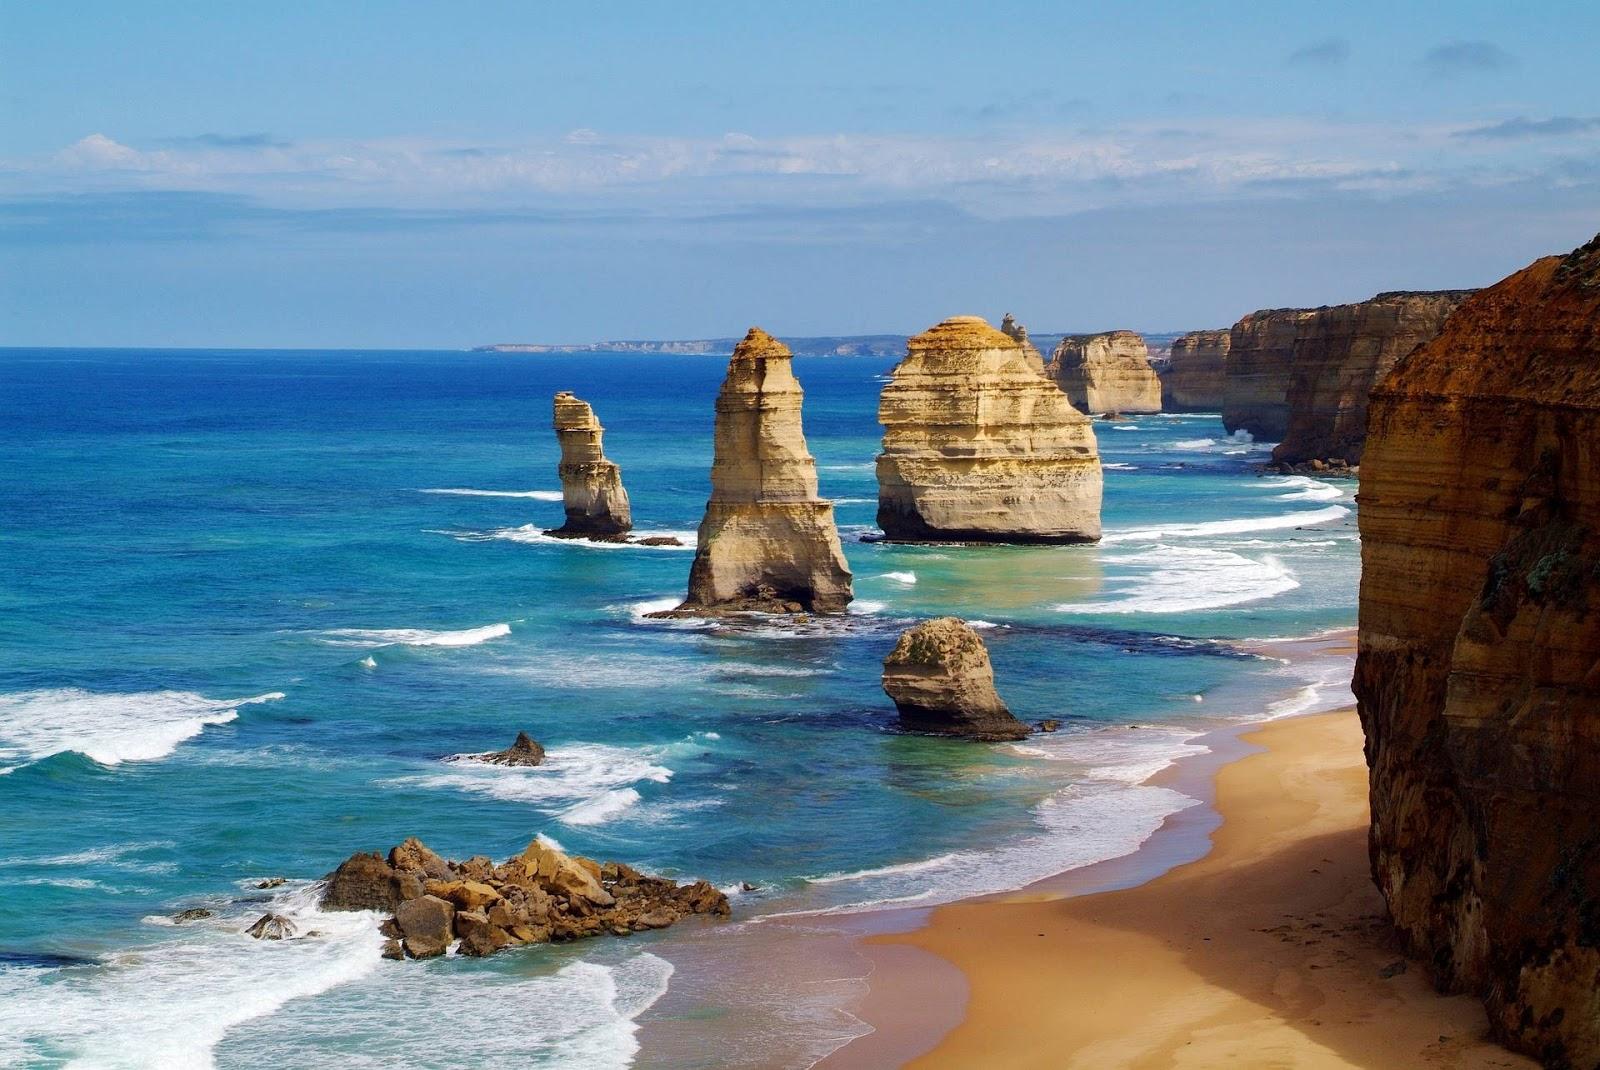 墨爾本-大洋路-十二門徒-景點-推薦-一日遊-二日遊-自由行-行程-旅遊-跟團-交通-自駕-遊記-住宿-澳洲-Melbourne-Great-Ocean-Road-Travel-Tour-Australia